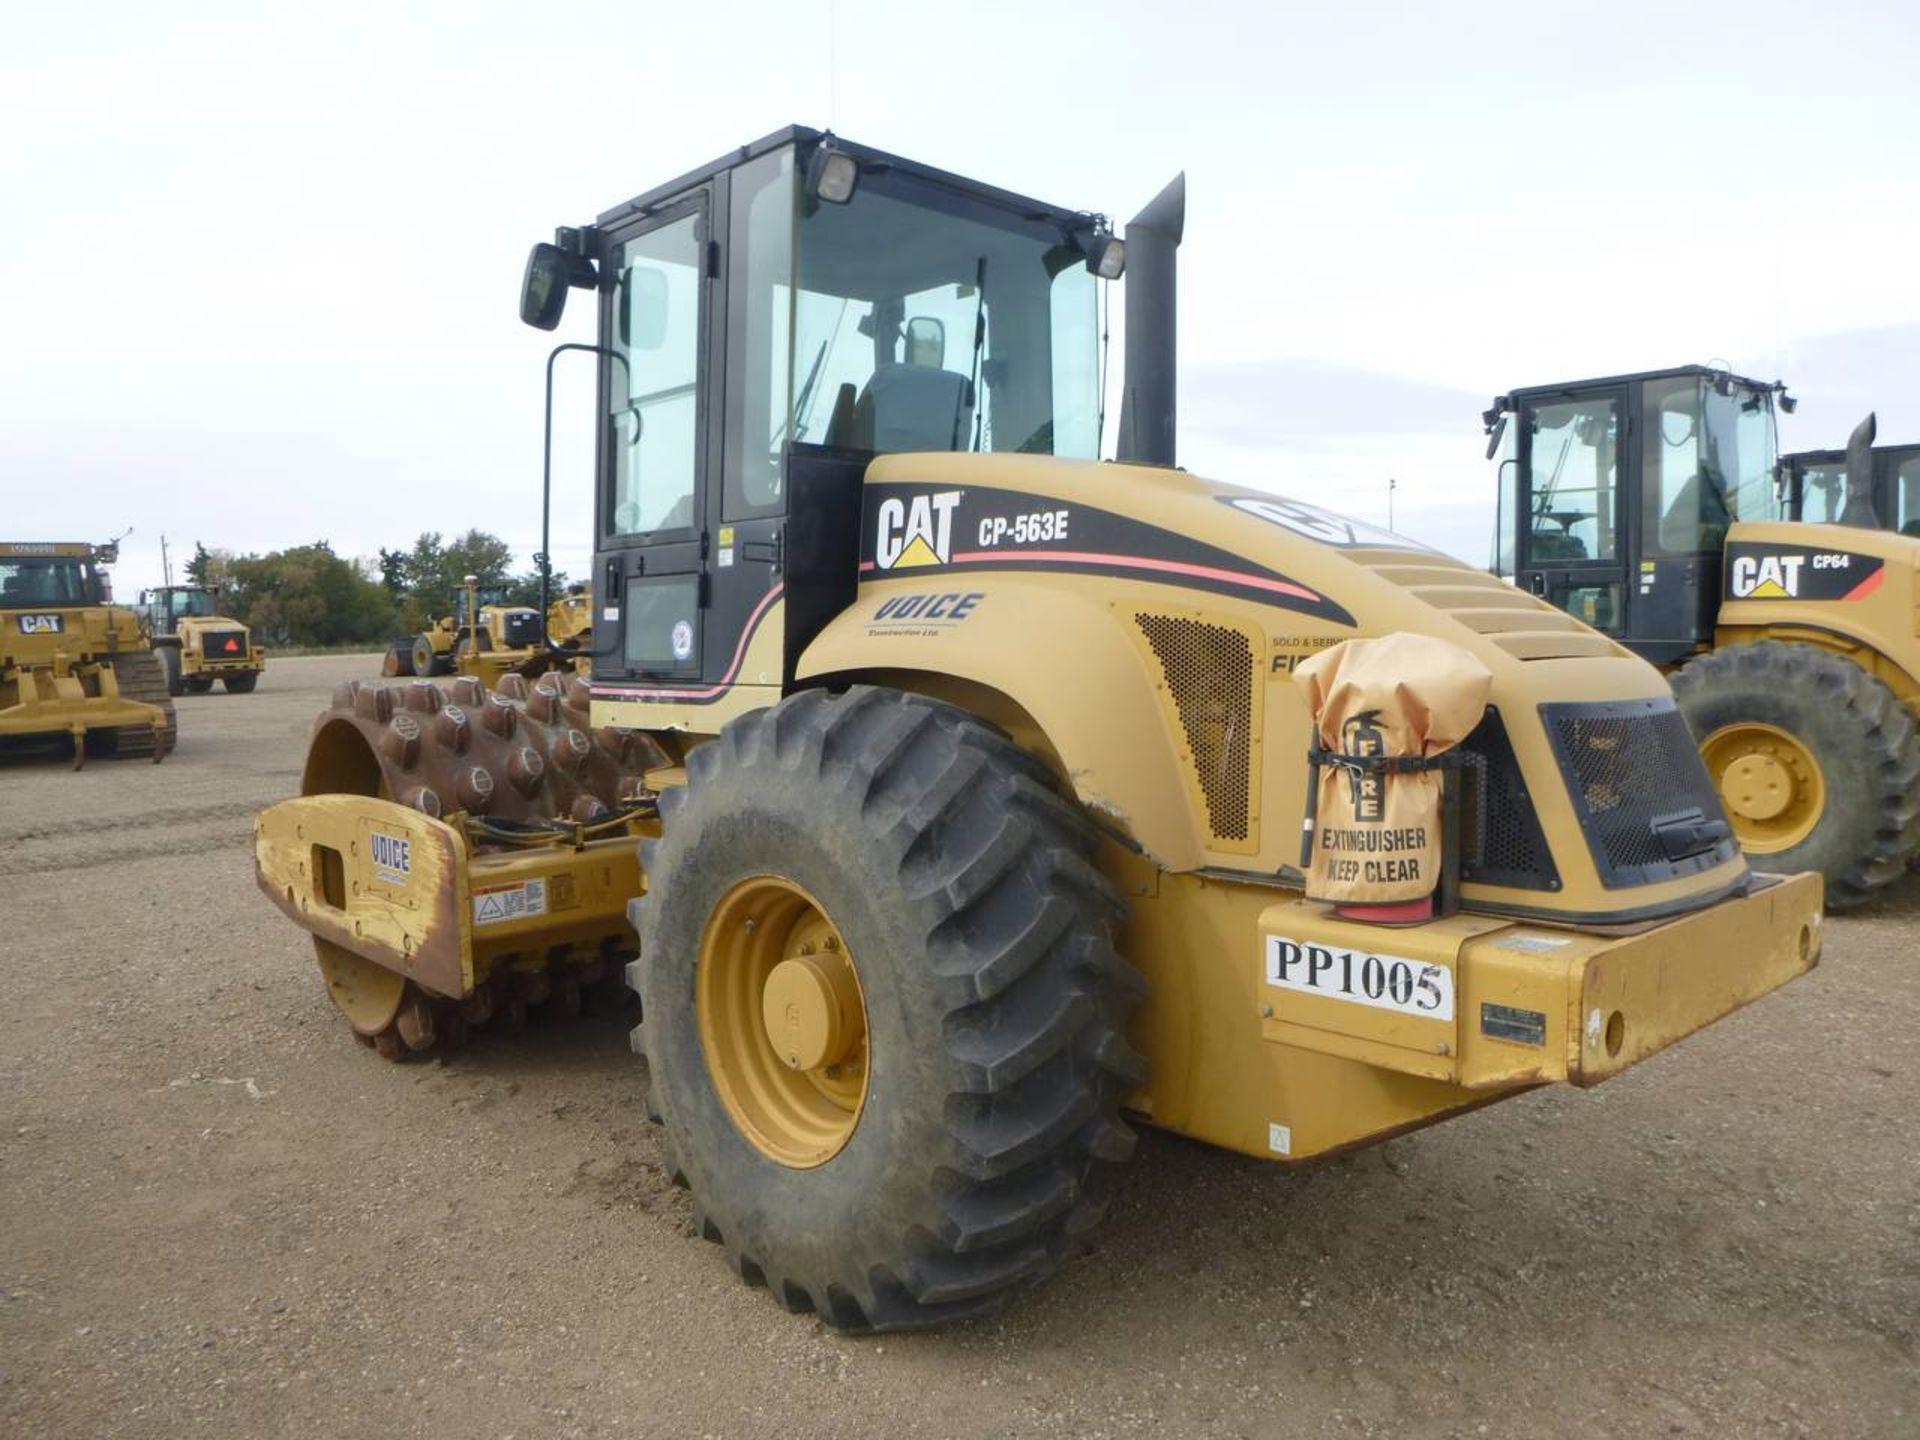 2006 Caterpillar CP-563E Compactor - Image 4 of 9